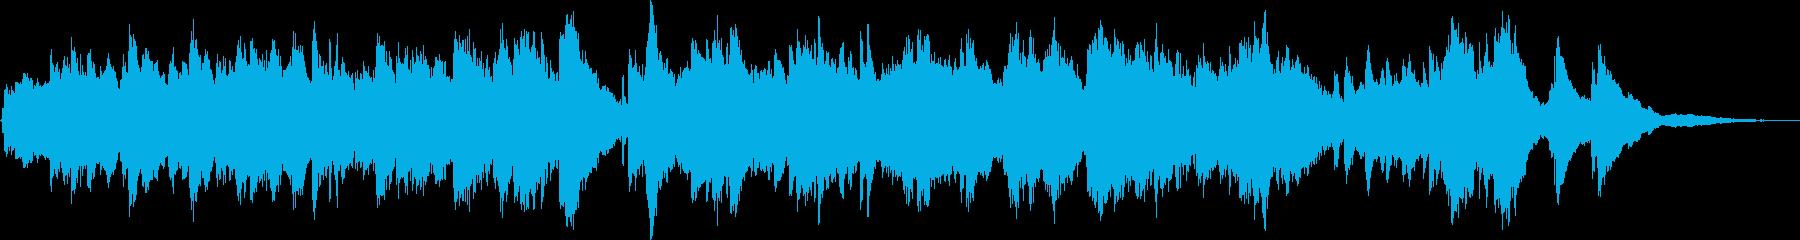 1900年スイス・ミラ・オルゴール...の再生済みの波形